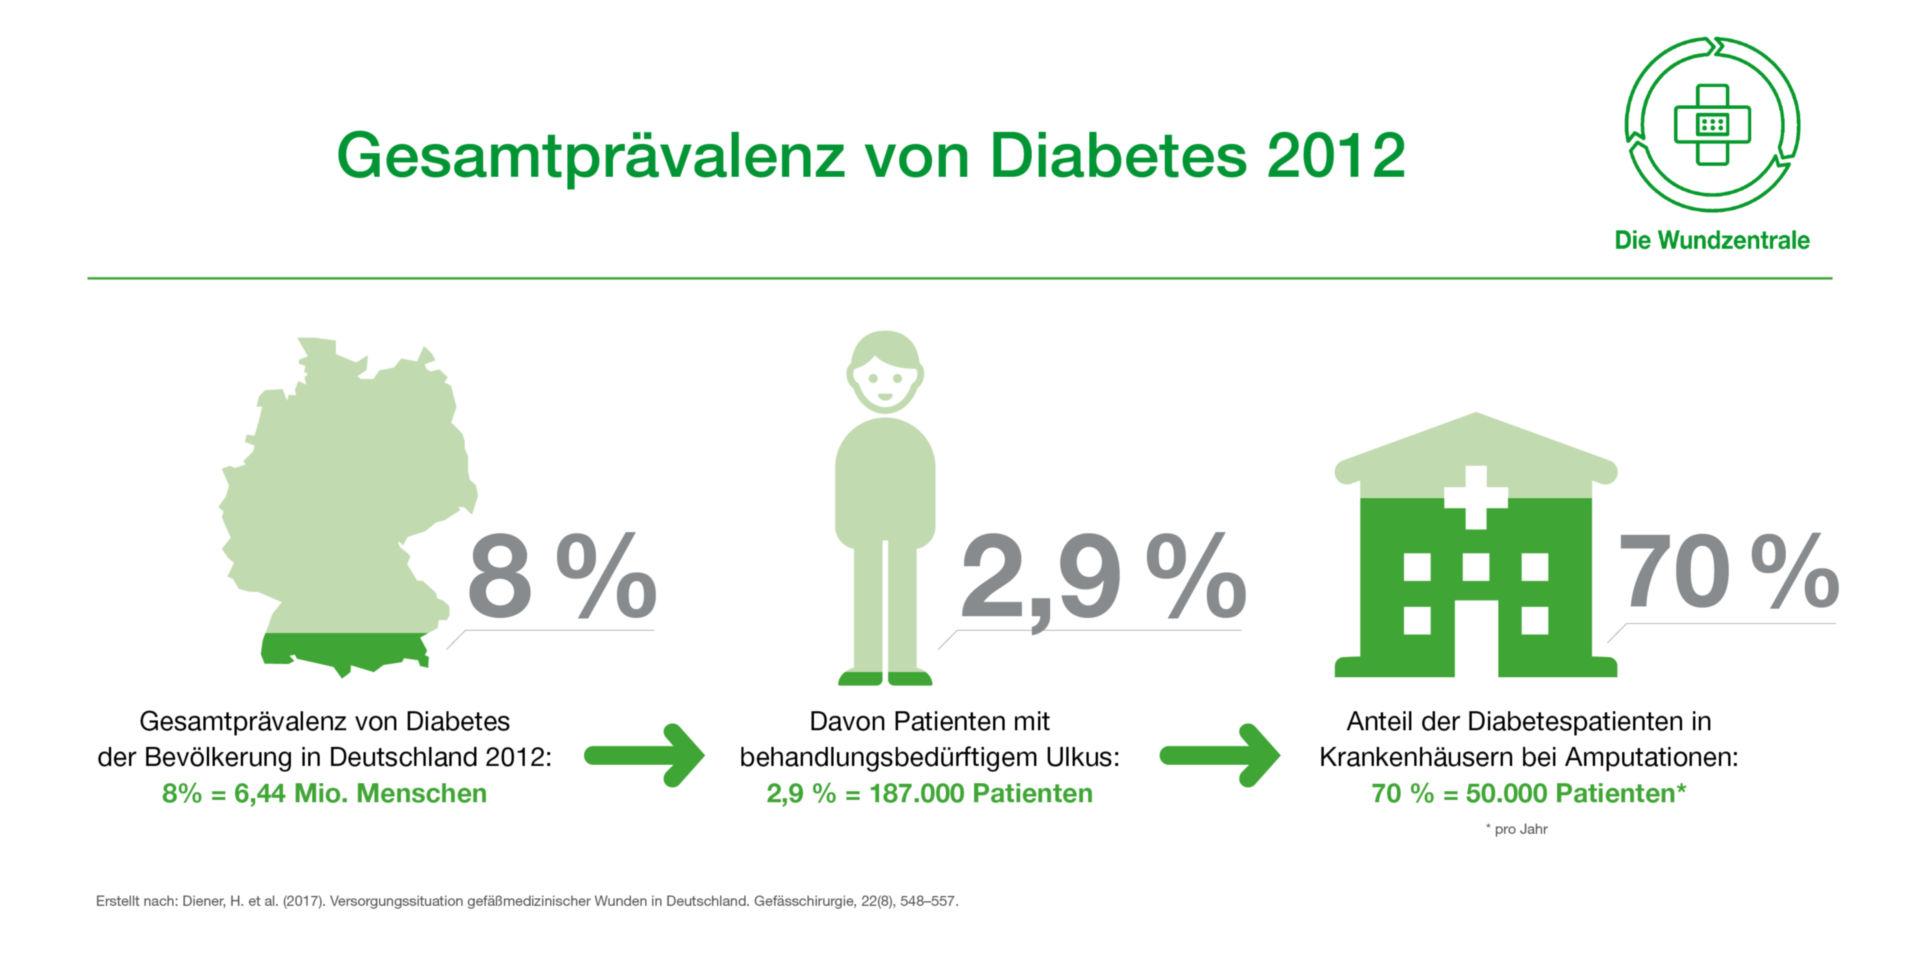 Amputationen bei Diabetes – Keine Seltenheit, aber vermeidbar